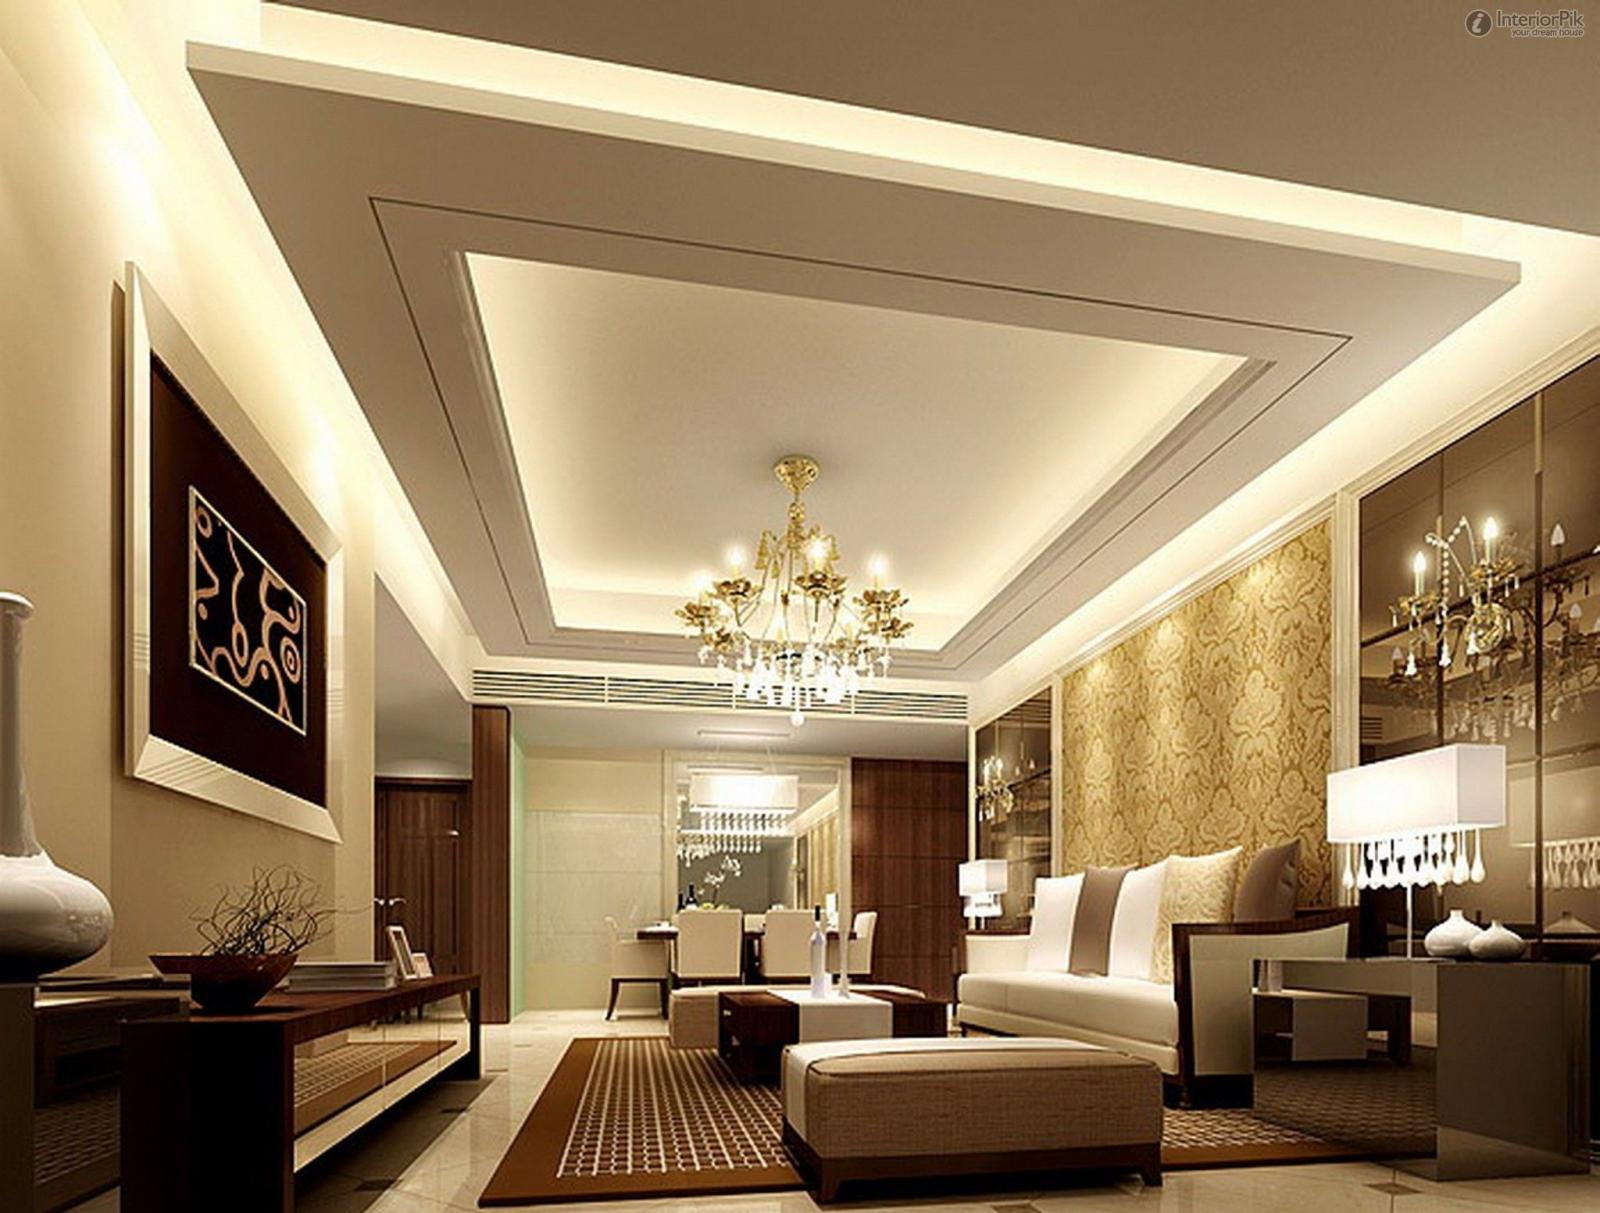 Thiết kế trần thạch cao cho nhà ở và những lưu ý